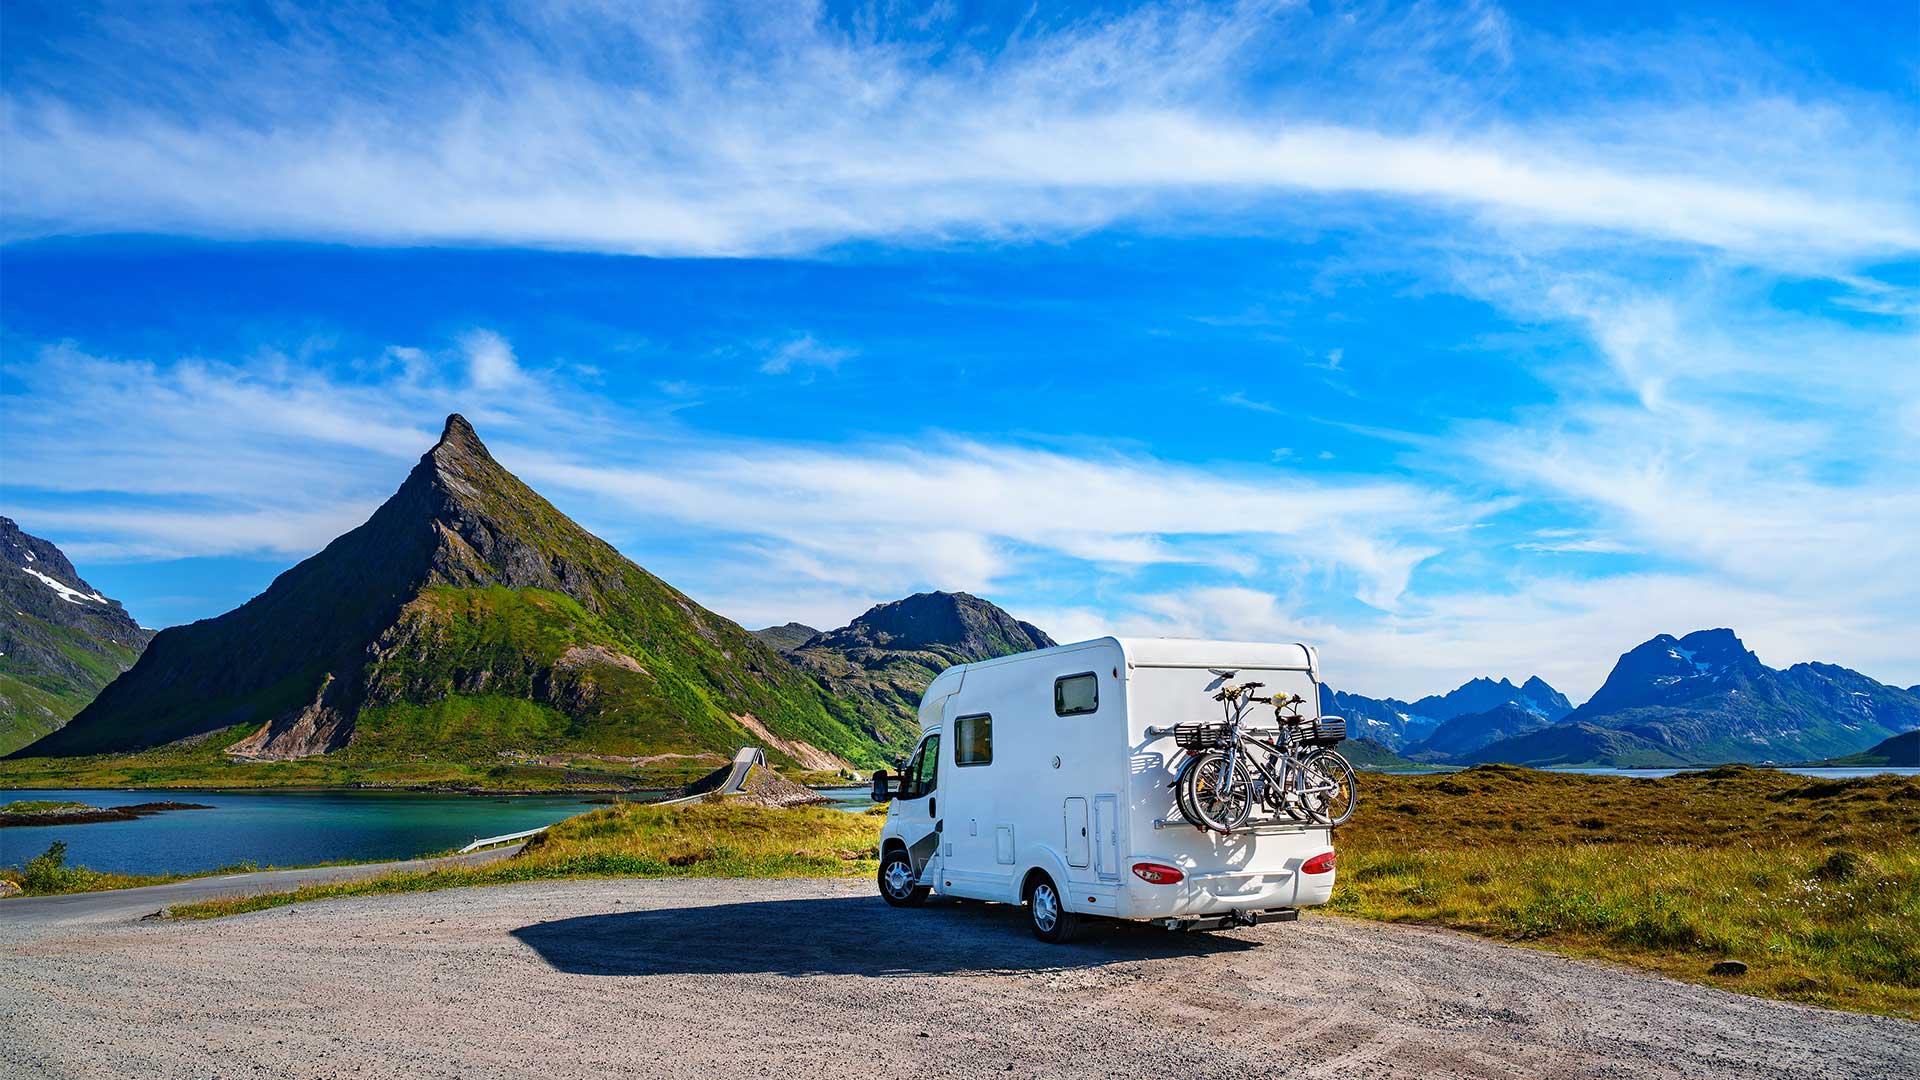 Familienurlaub mit dem Wohnmobil. Schöne Naturlandschaft Norwegen.